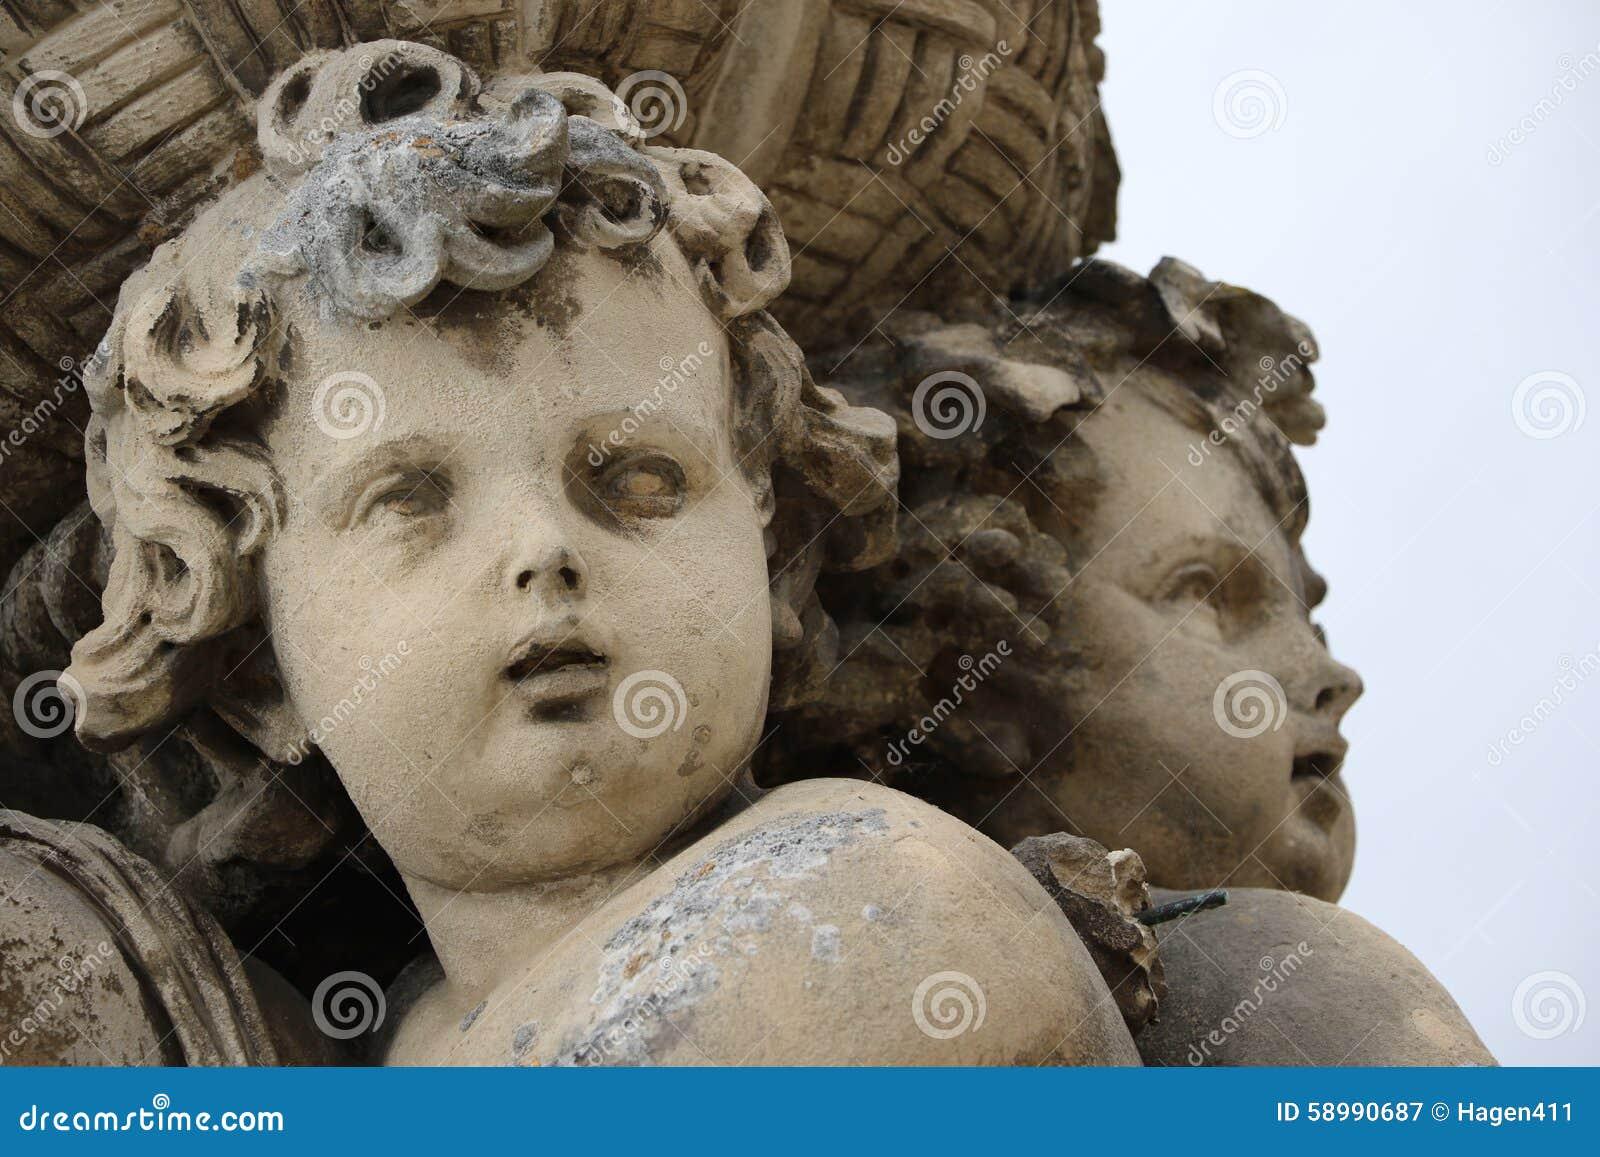 Vaux-le-Vicomte - vaux-le-vicomte-statue-garden-palace-58990687